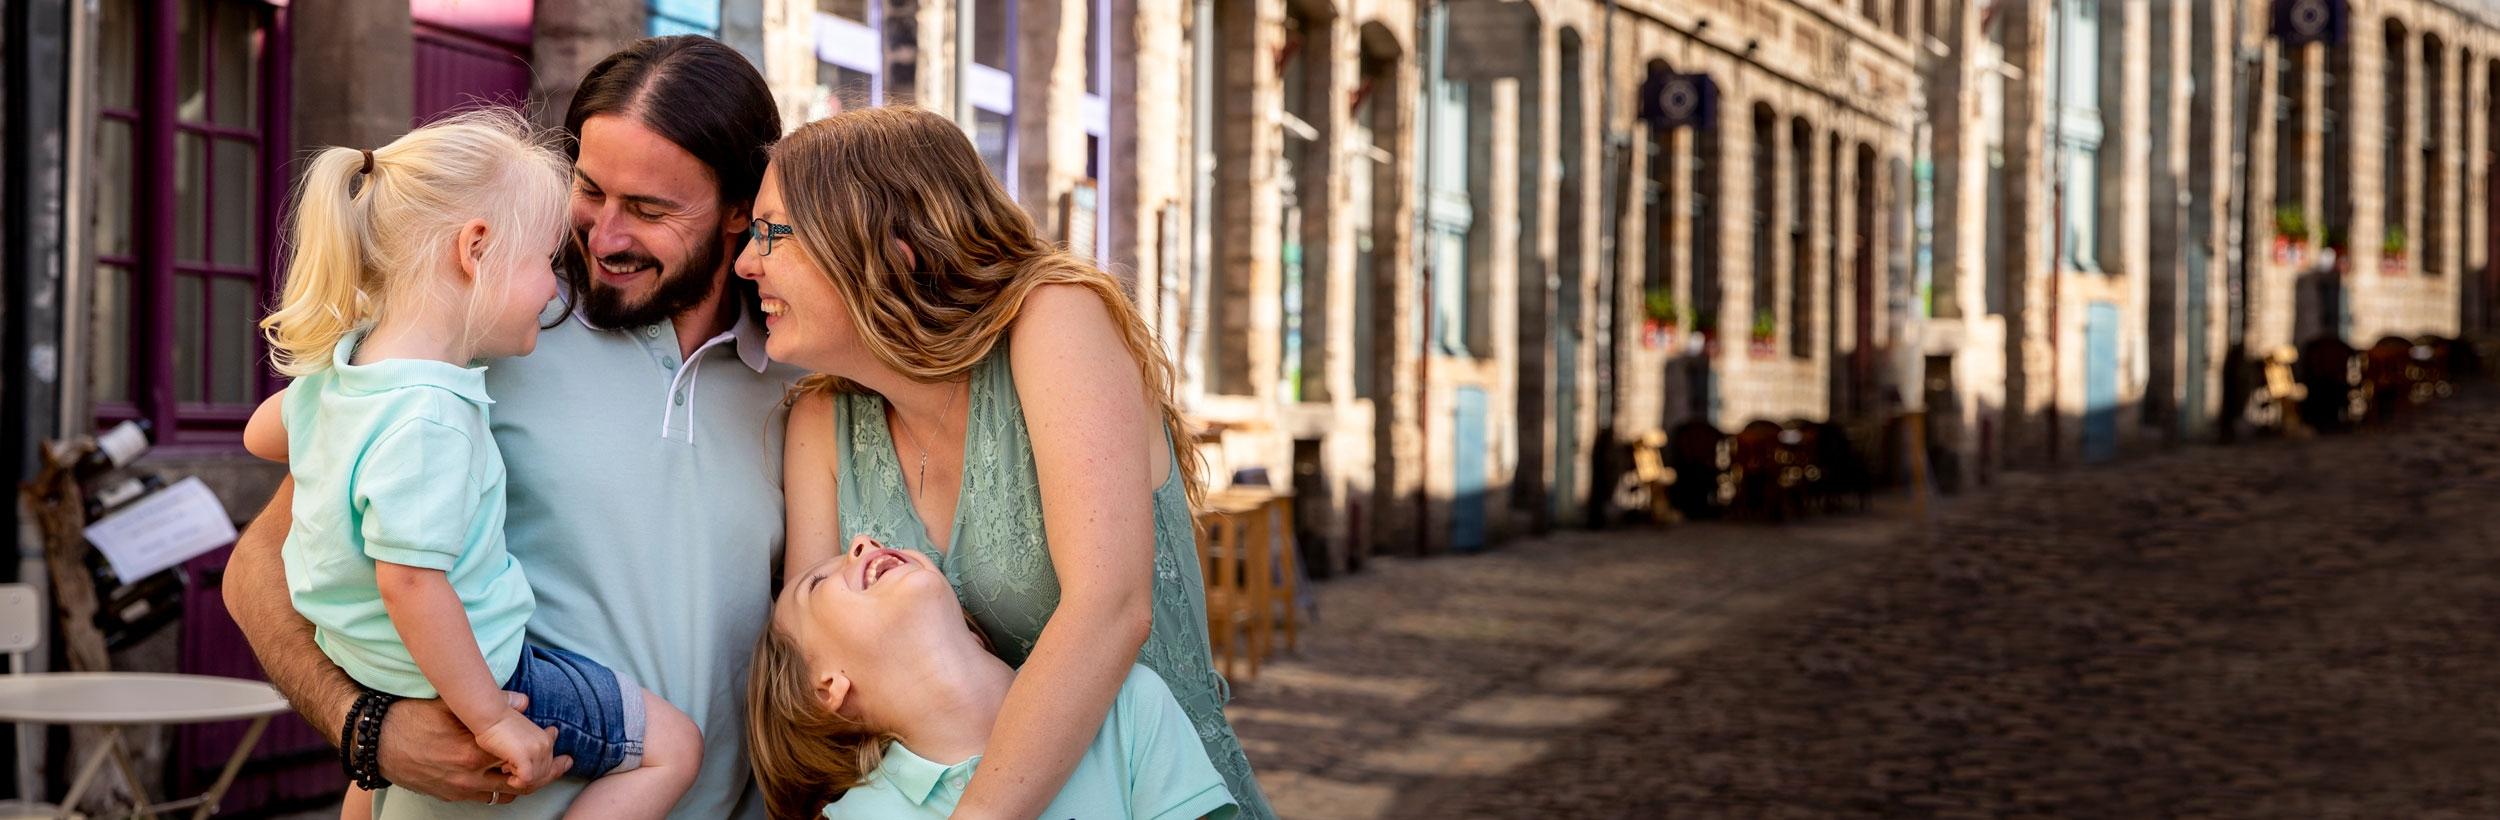 particuliers-portraits-engagement-famille-deltenre-2020-pagetop